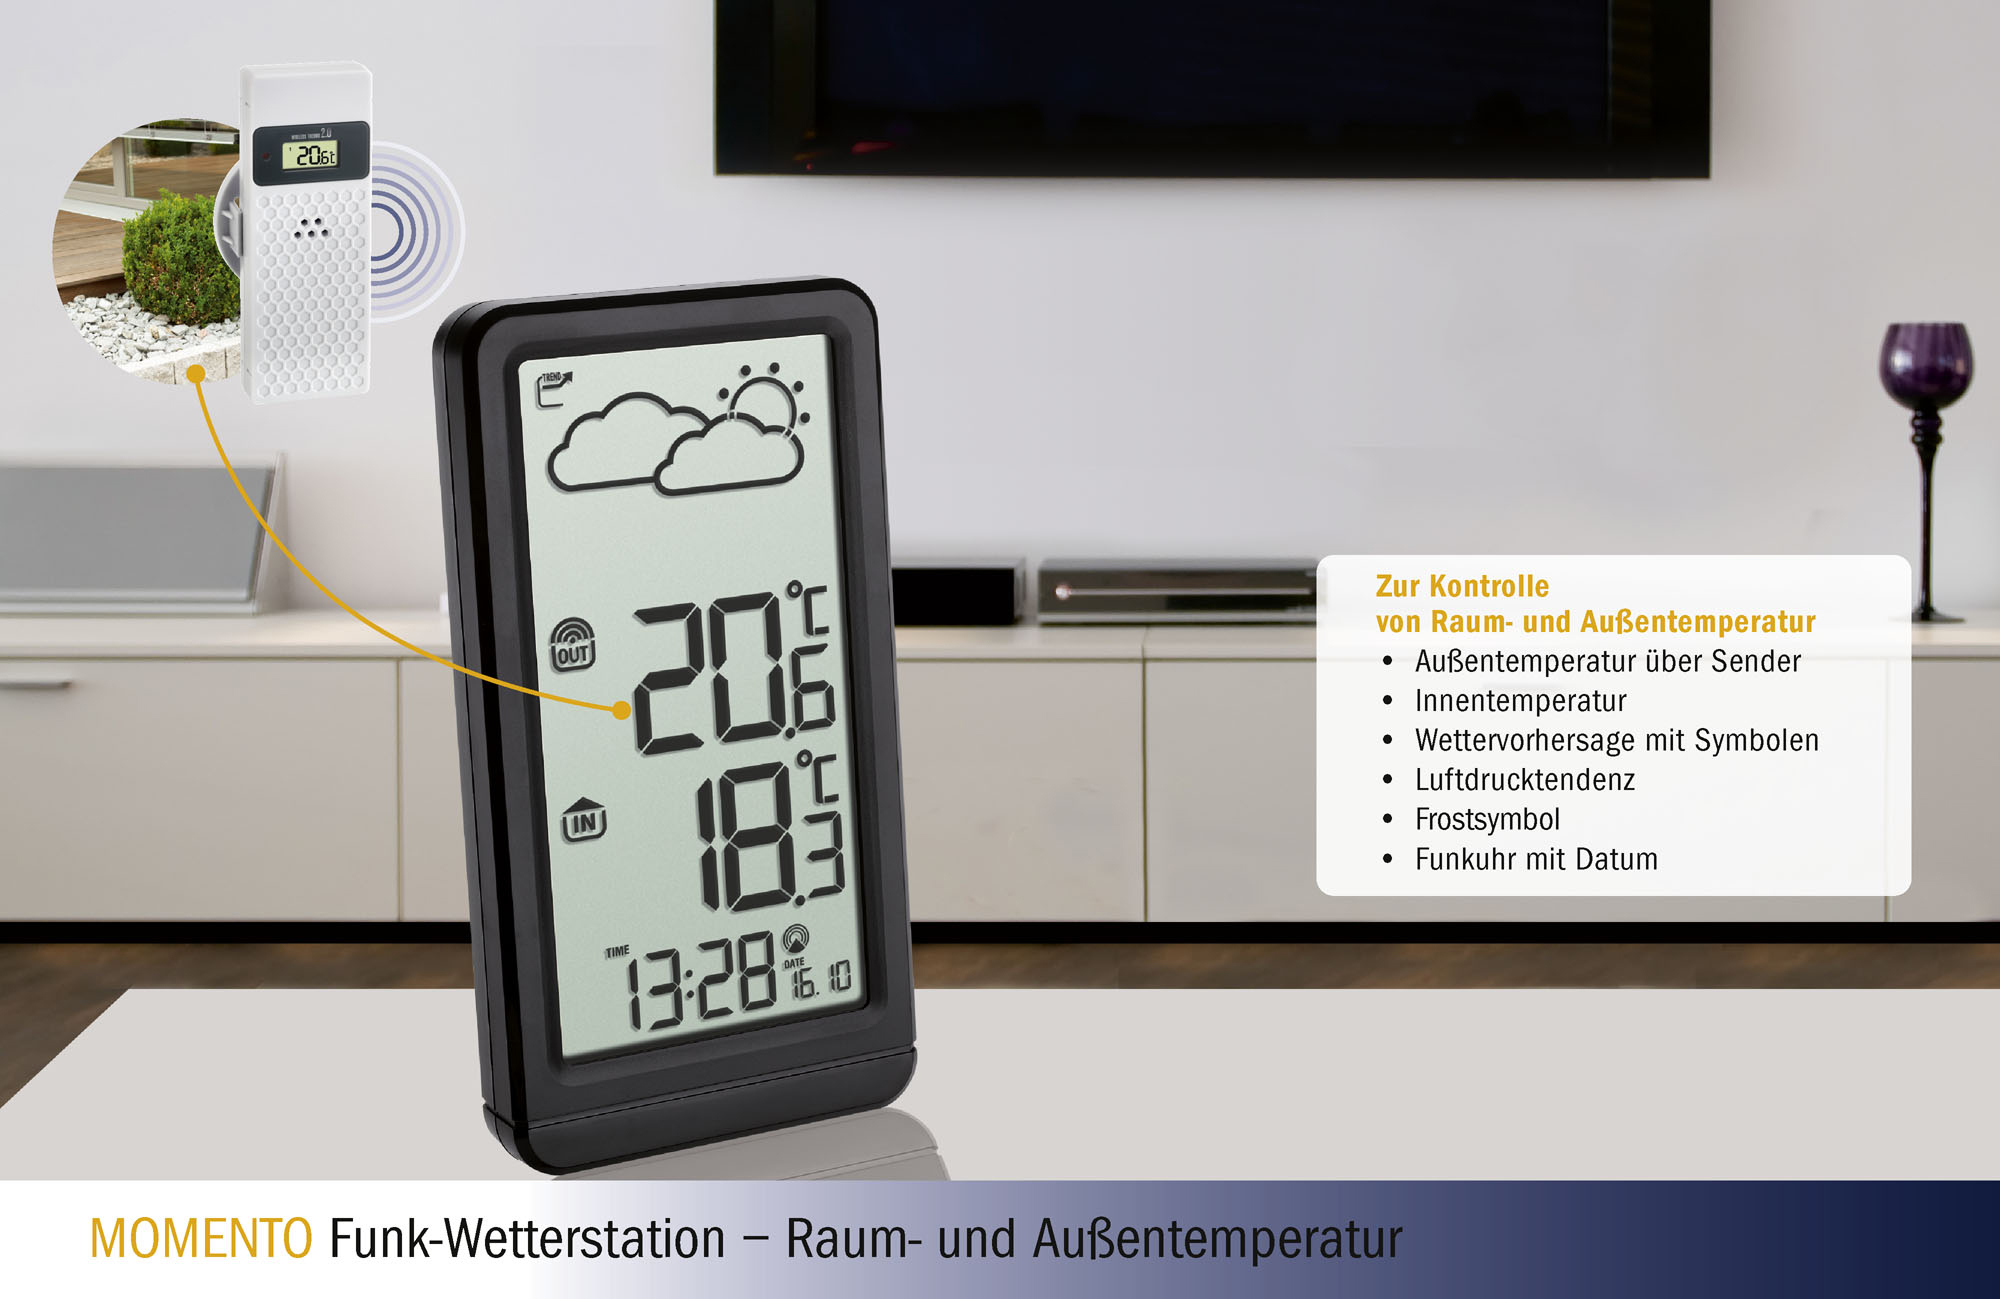 Funk-Wetterstation_351149_Vorteile.jpg